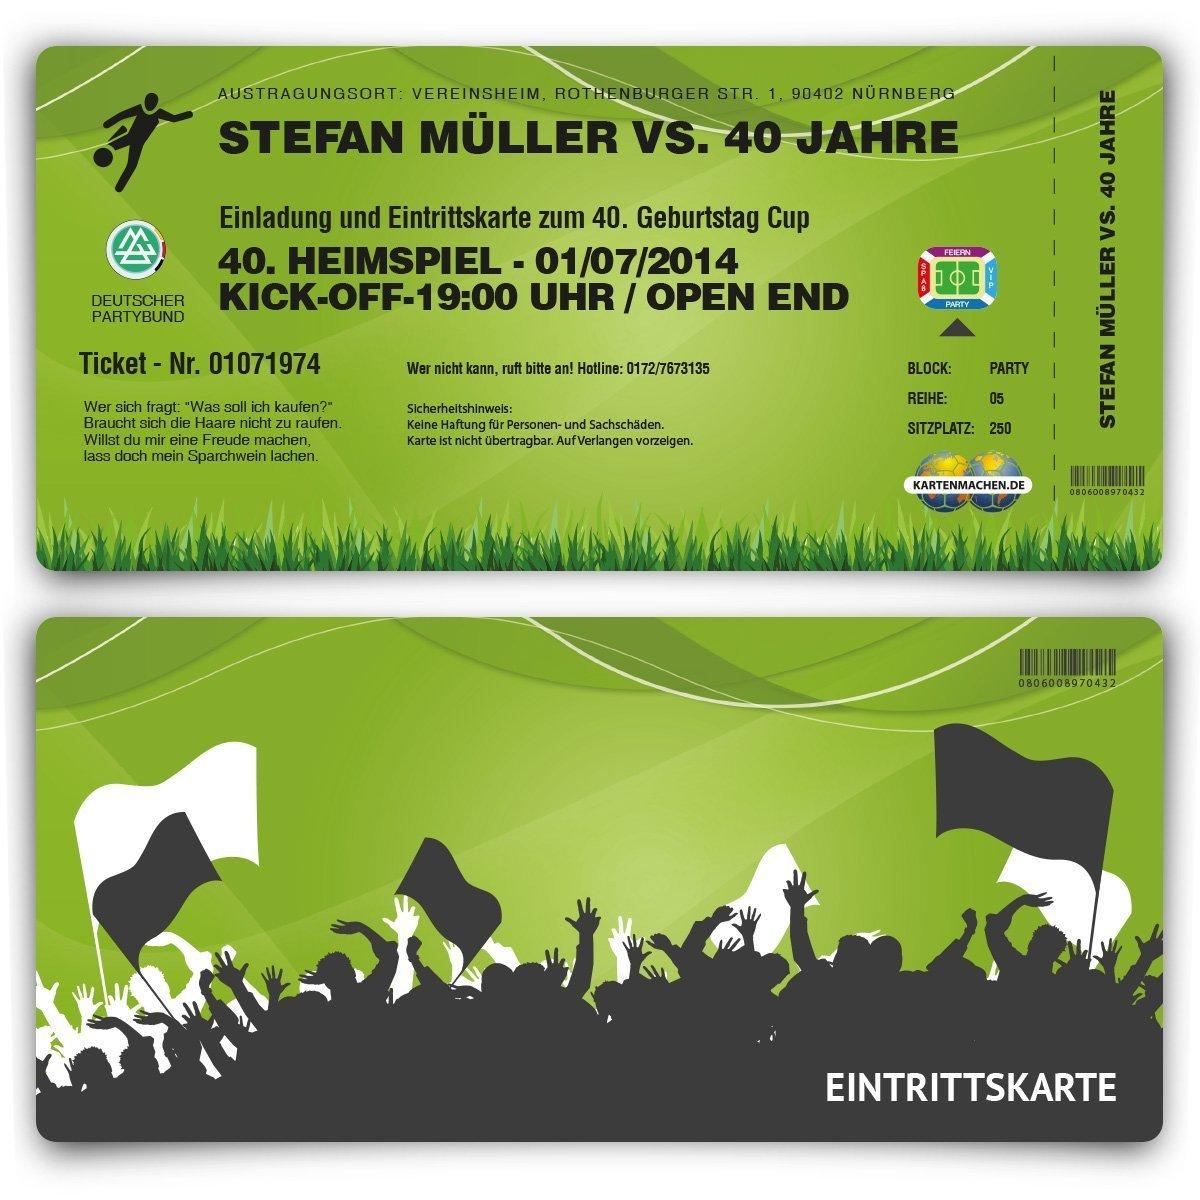 Einladungskarten (30 Stück) zum Geburtstag als Fussballticket ...